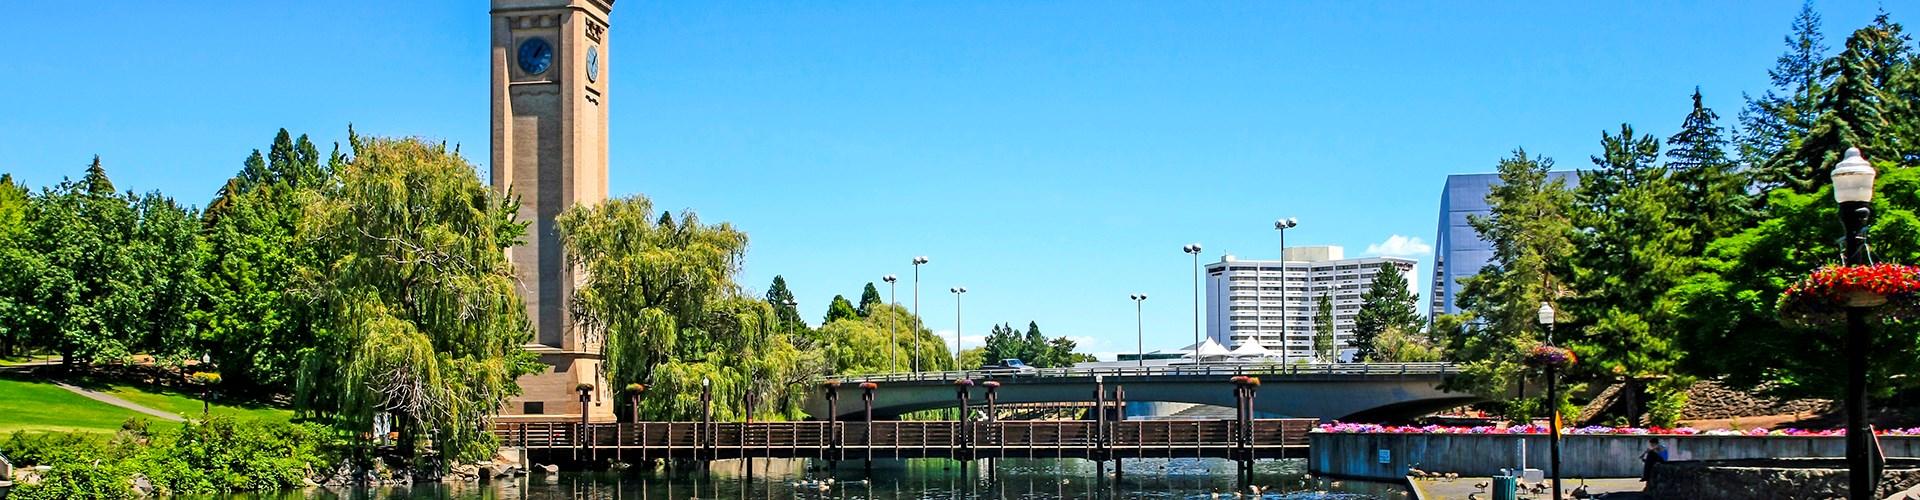 Spokane at River Park Square